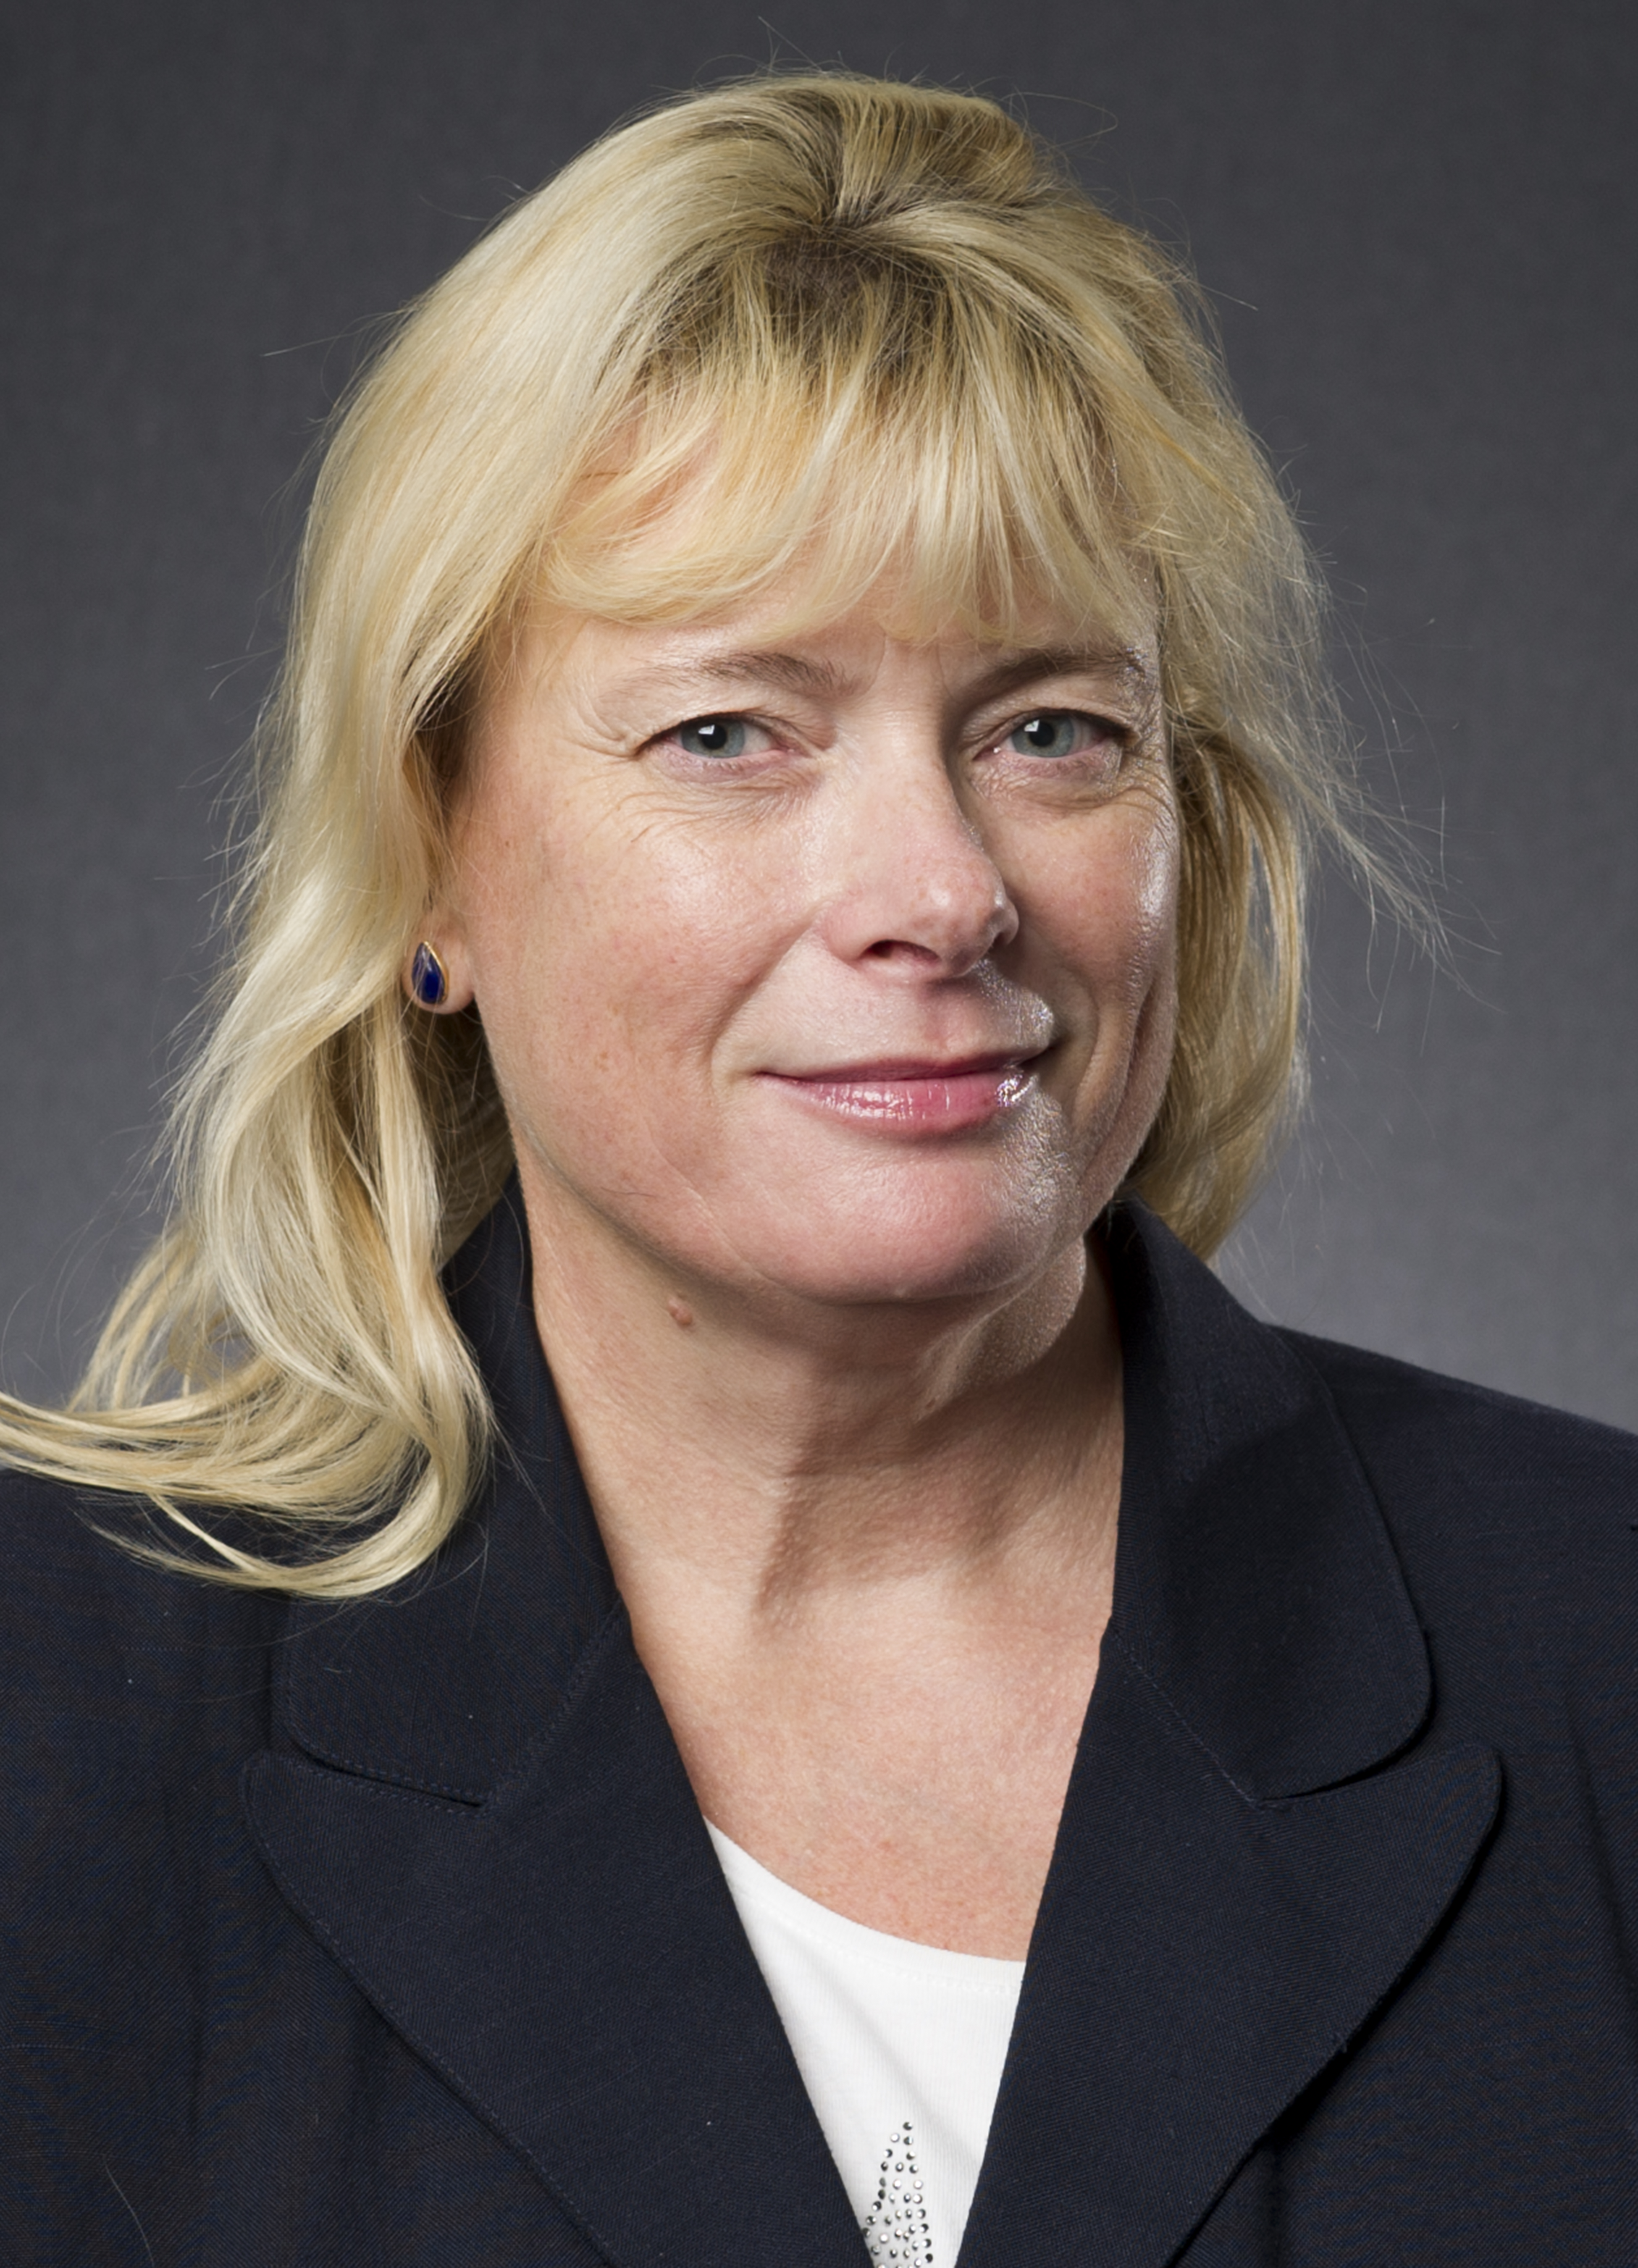 Helene Blinkenberg Hastrup